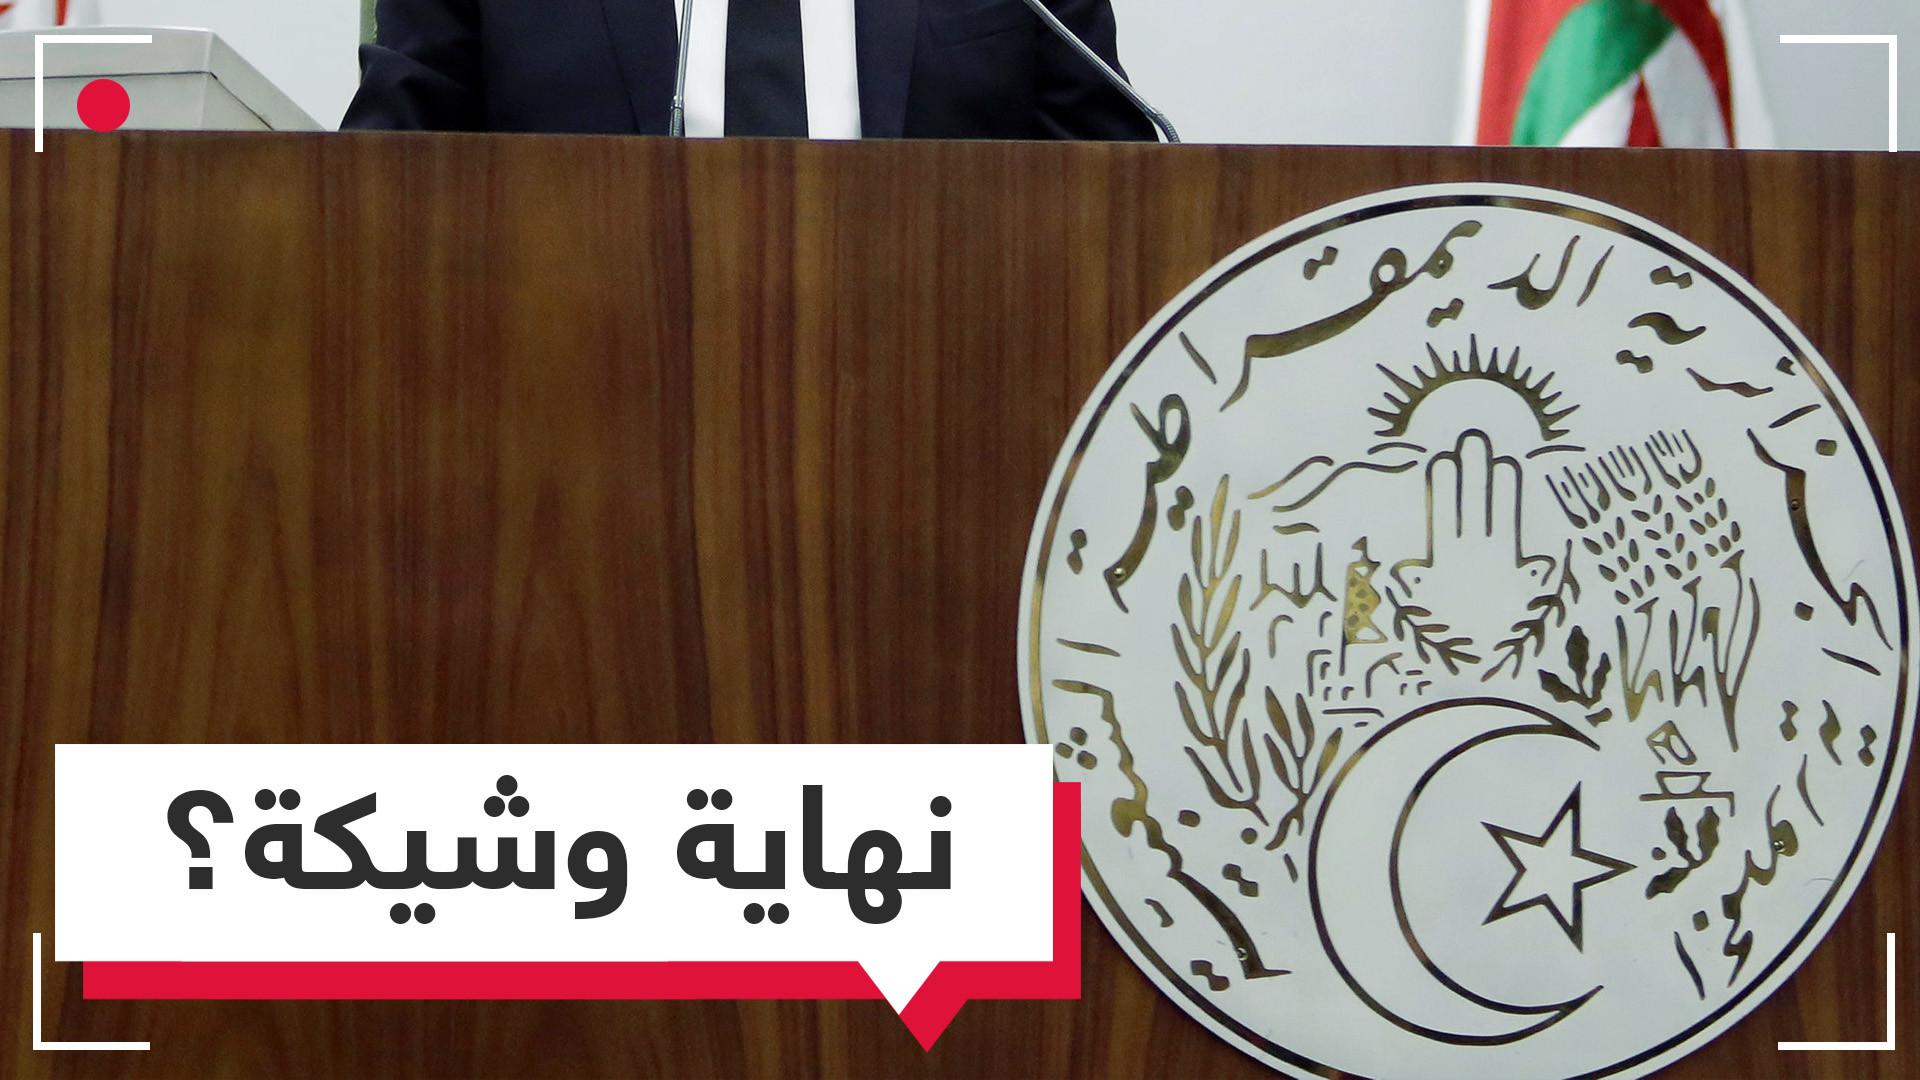 تهم الفساد تلاحقه.. حزب جبهة التحرير الوطني بالجزائر إلى أين؟